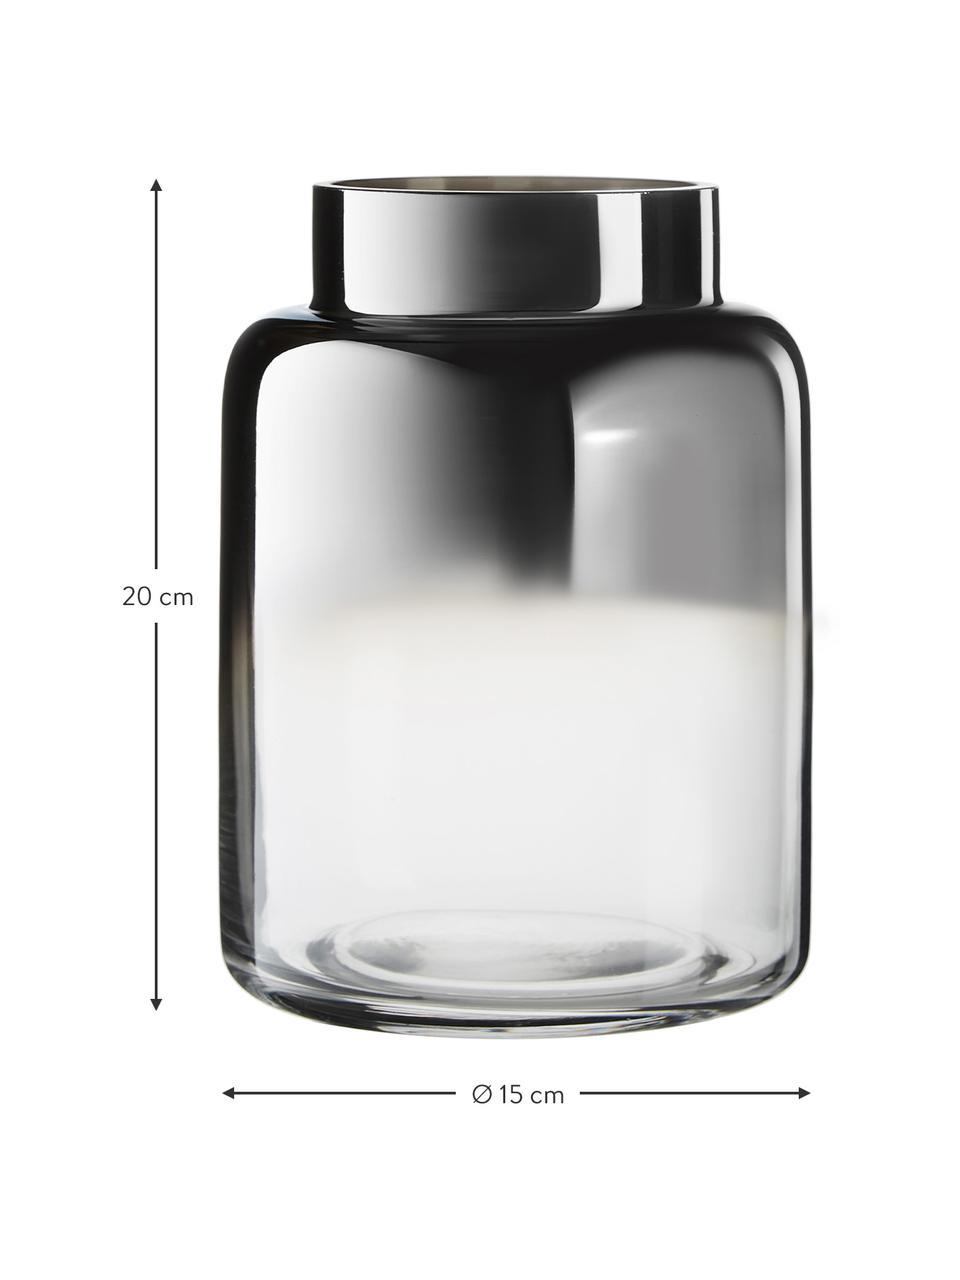 Mundgeblasene Glasvase Uma, Glas, Transparent,Schwarz, Ø 15 x H 20 cm